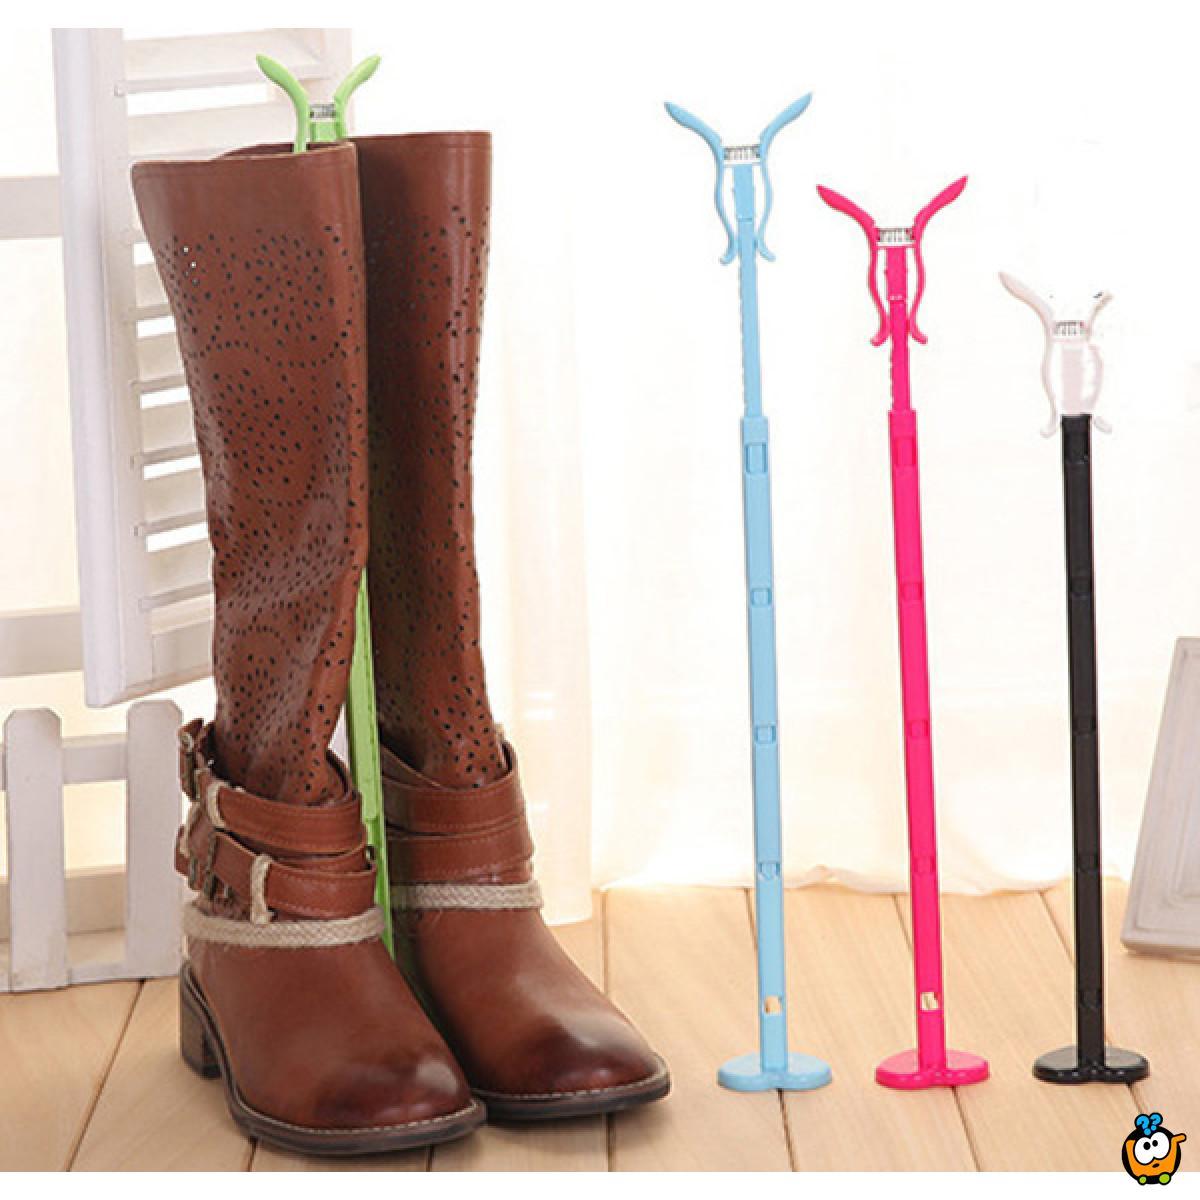 Držač čizama - za uredno organizovanu zimsku obuću